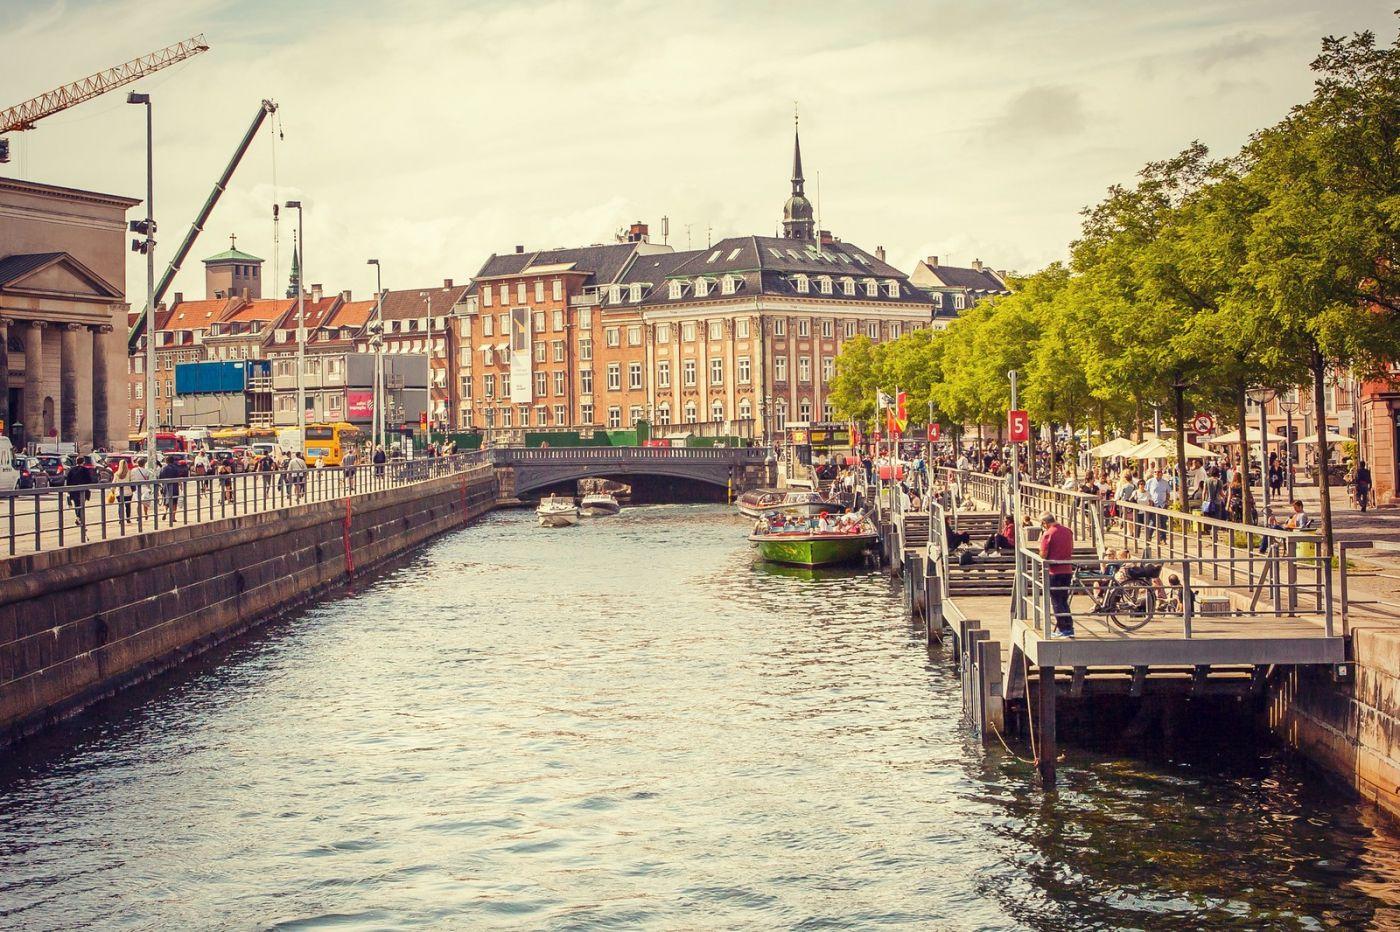 丹麦哥本哈根,新旧融合的城市_图1-3